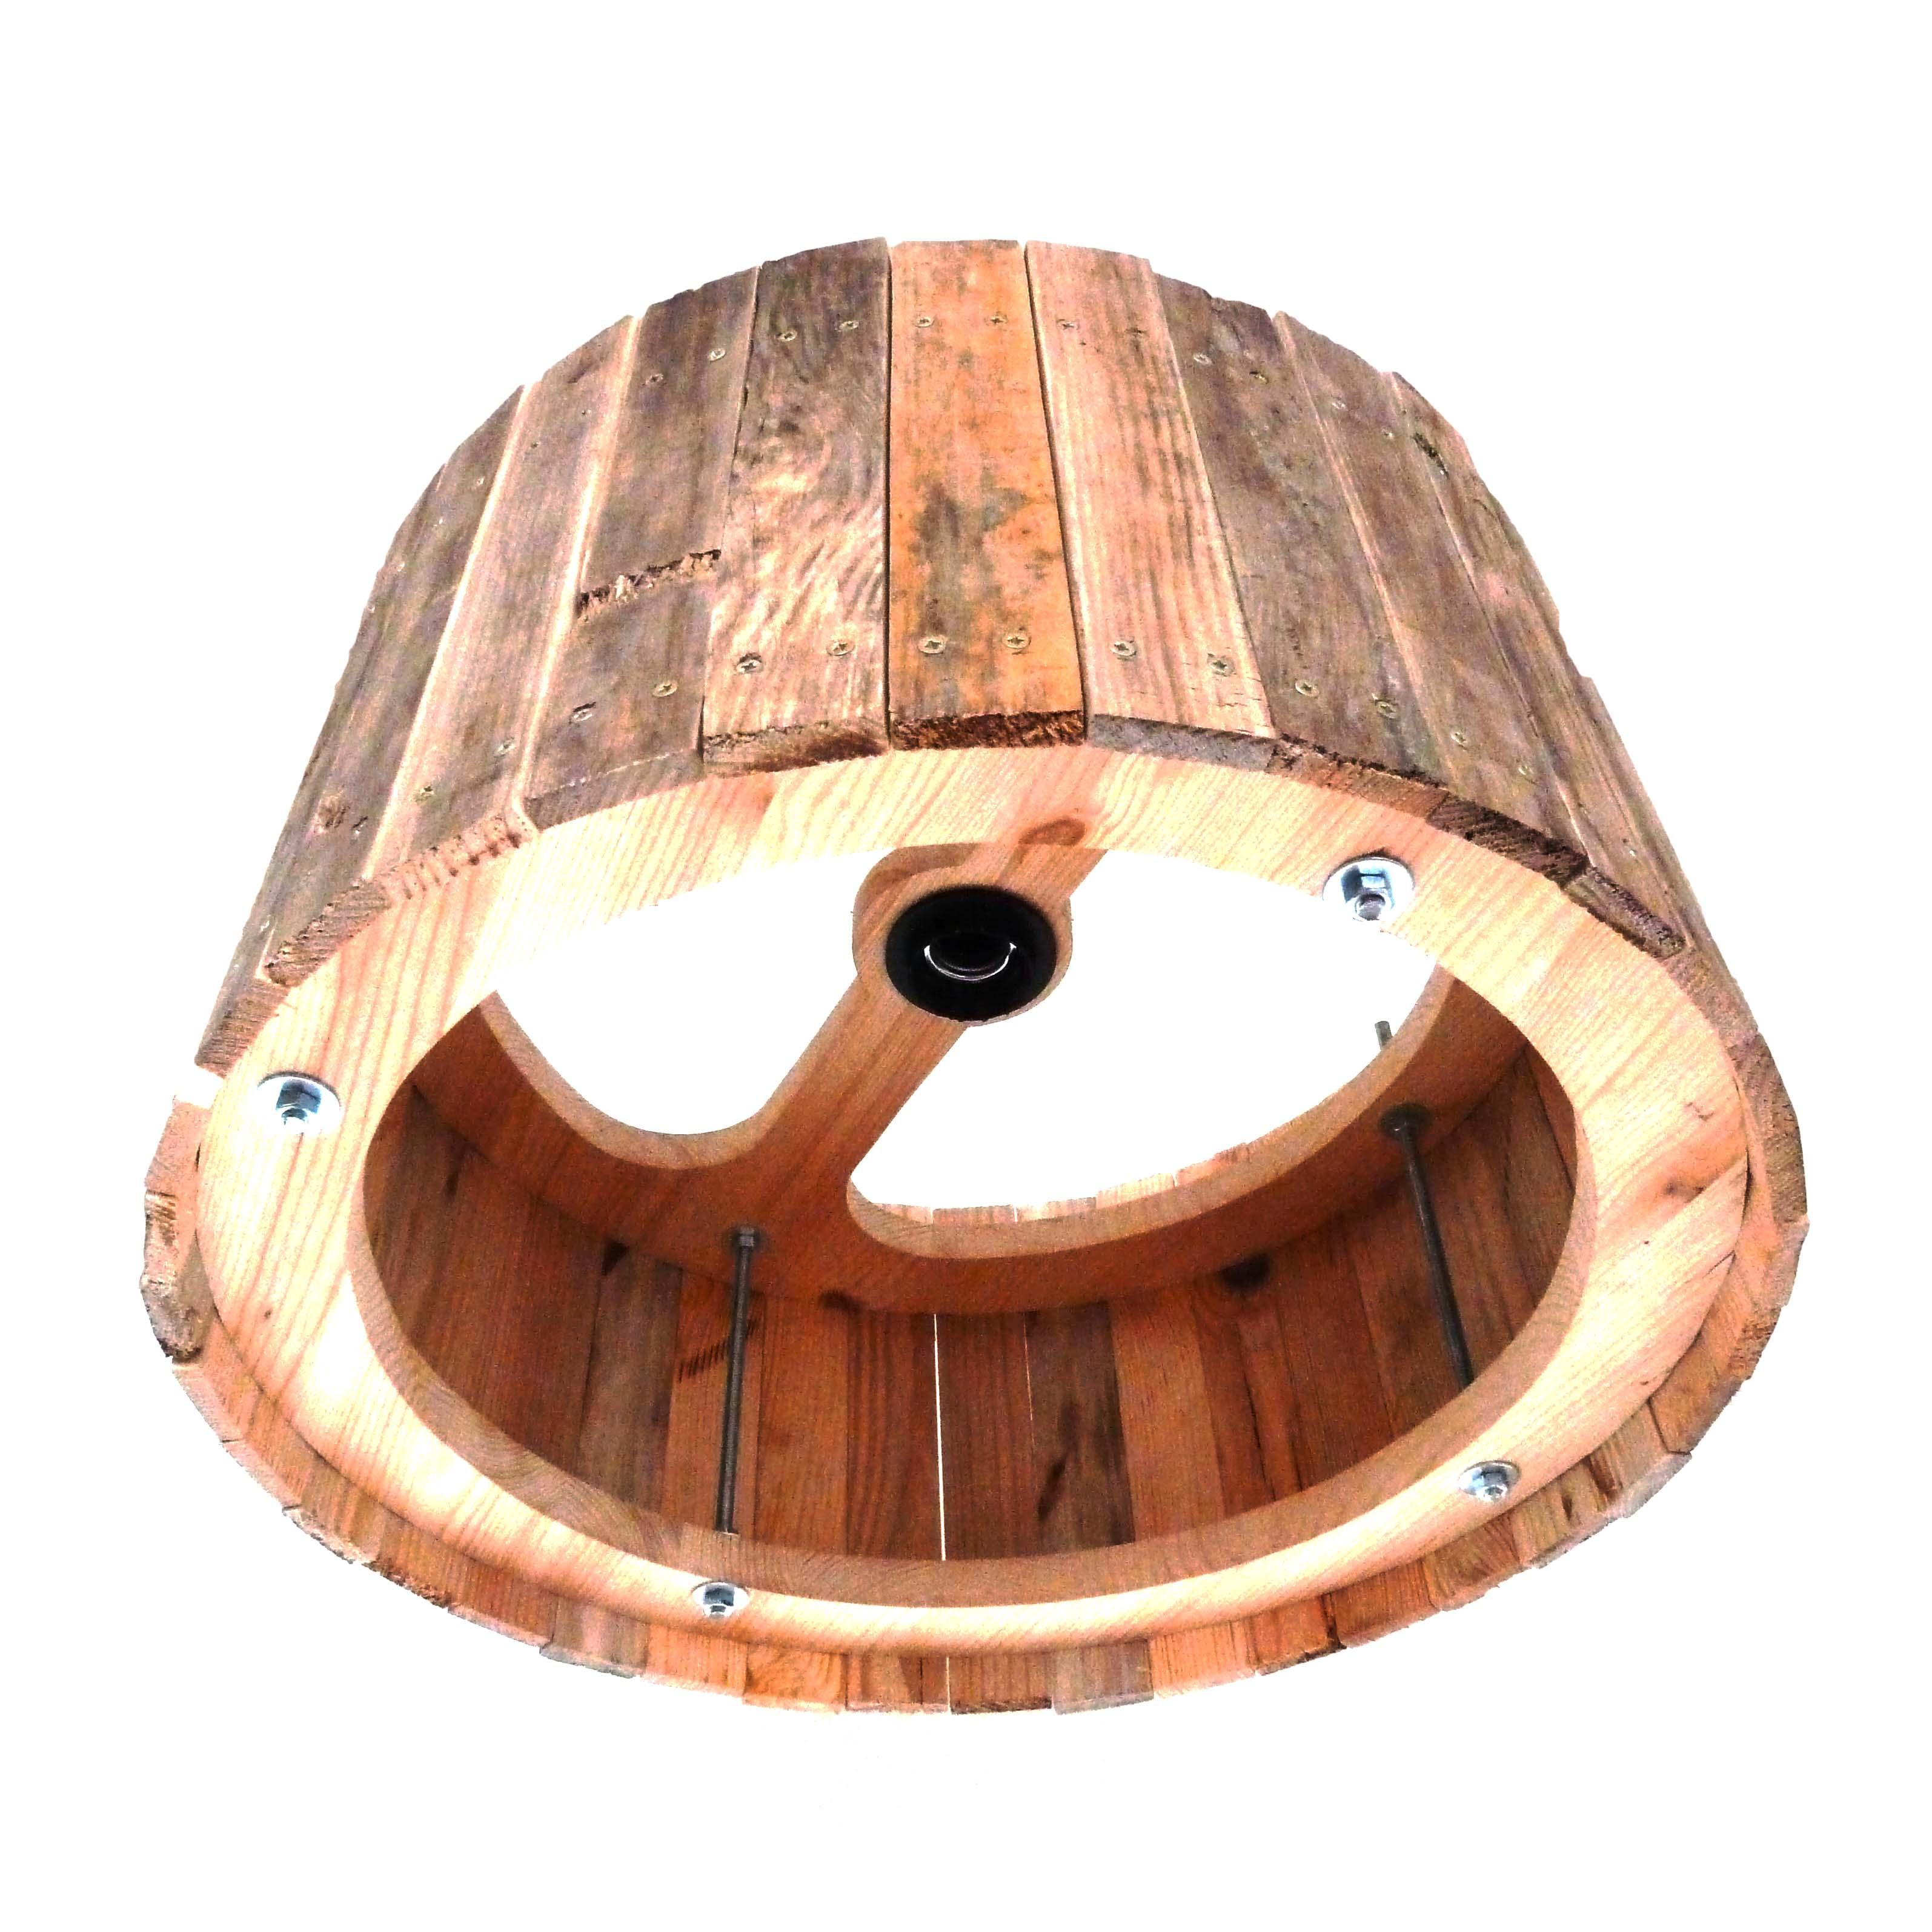 Uitgelezene Industriële Houten Hanglamp 'Wood Fellas' - Indusigns CY-15